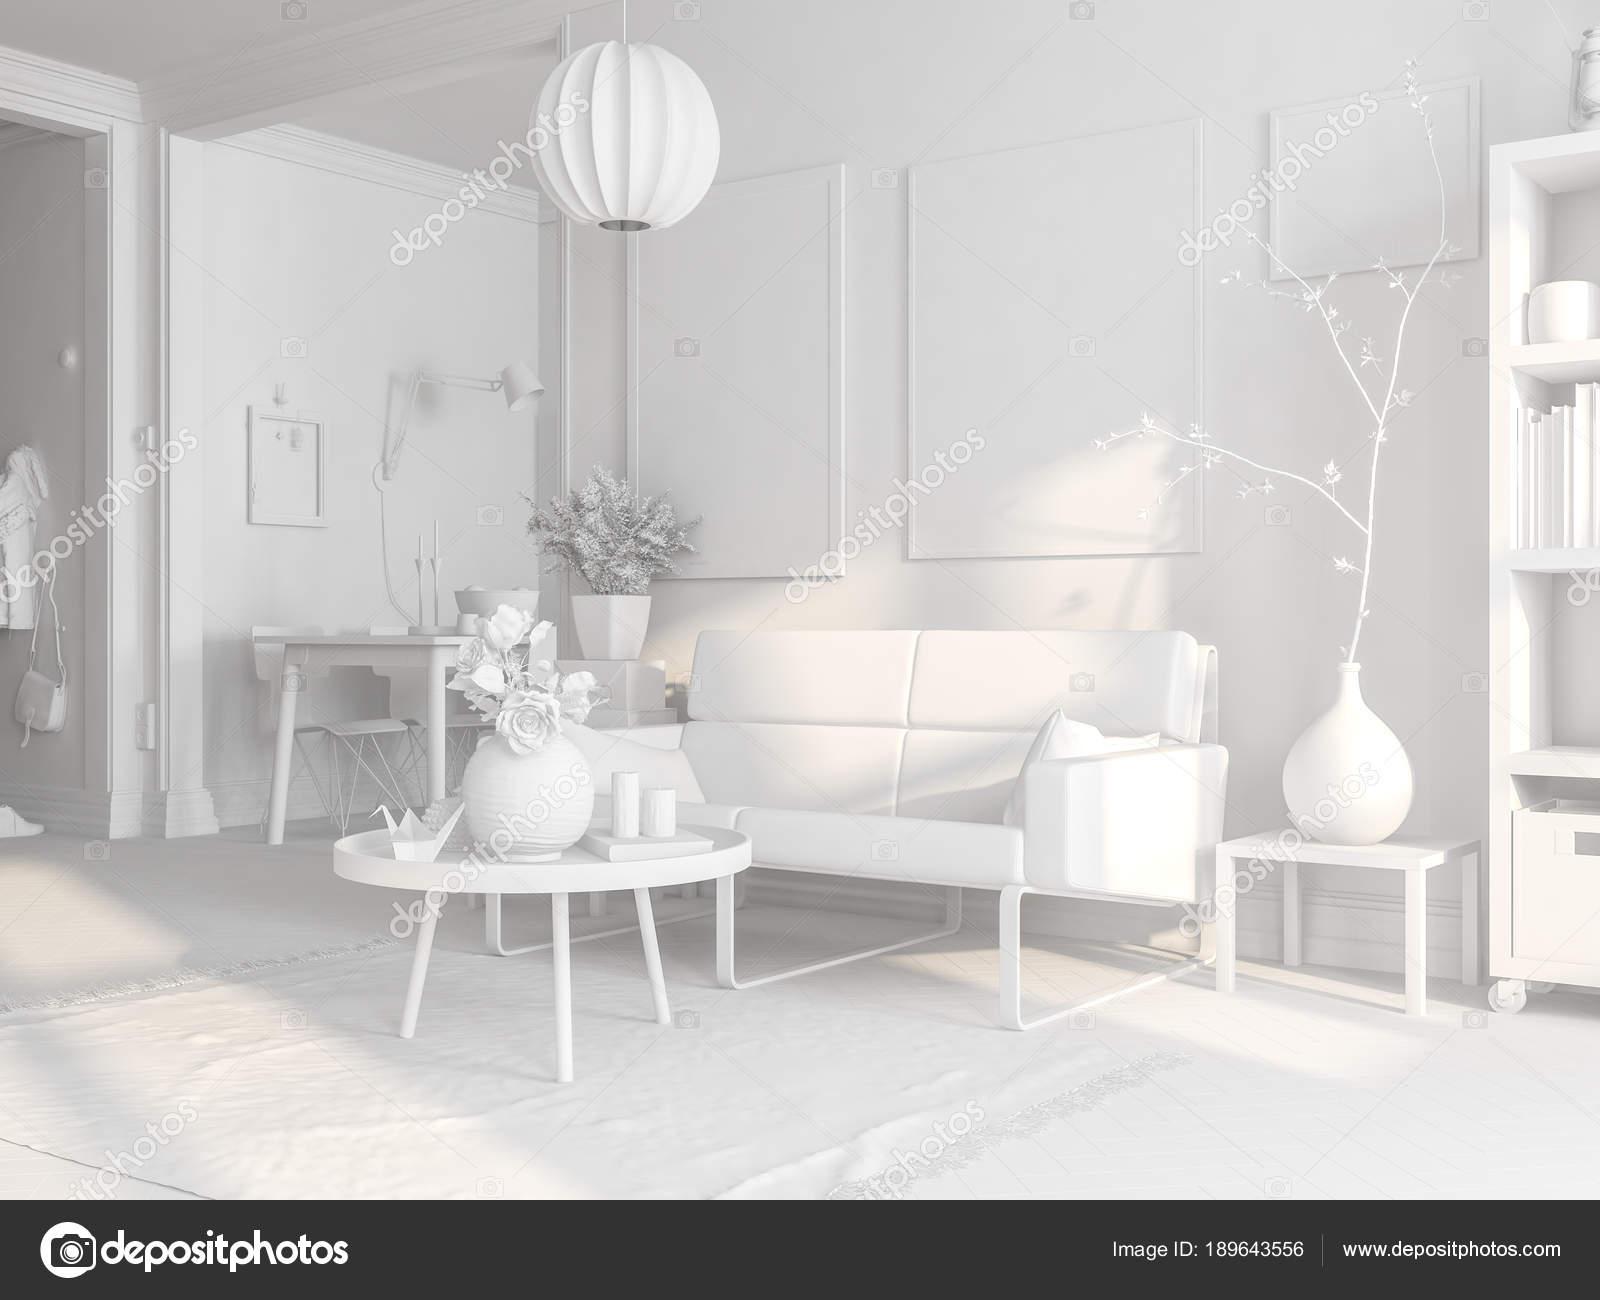 Awesome Scandinavische Stijl Interieur Ideas - Trend Ideas 2018 ...